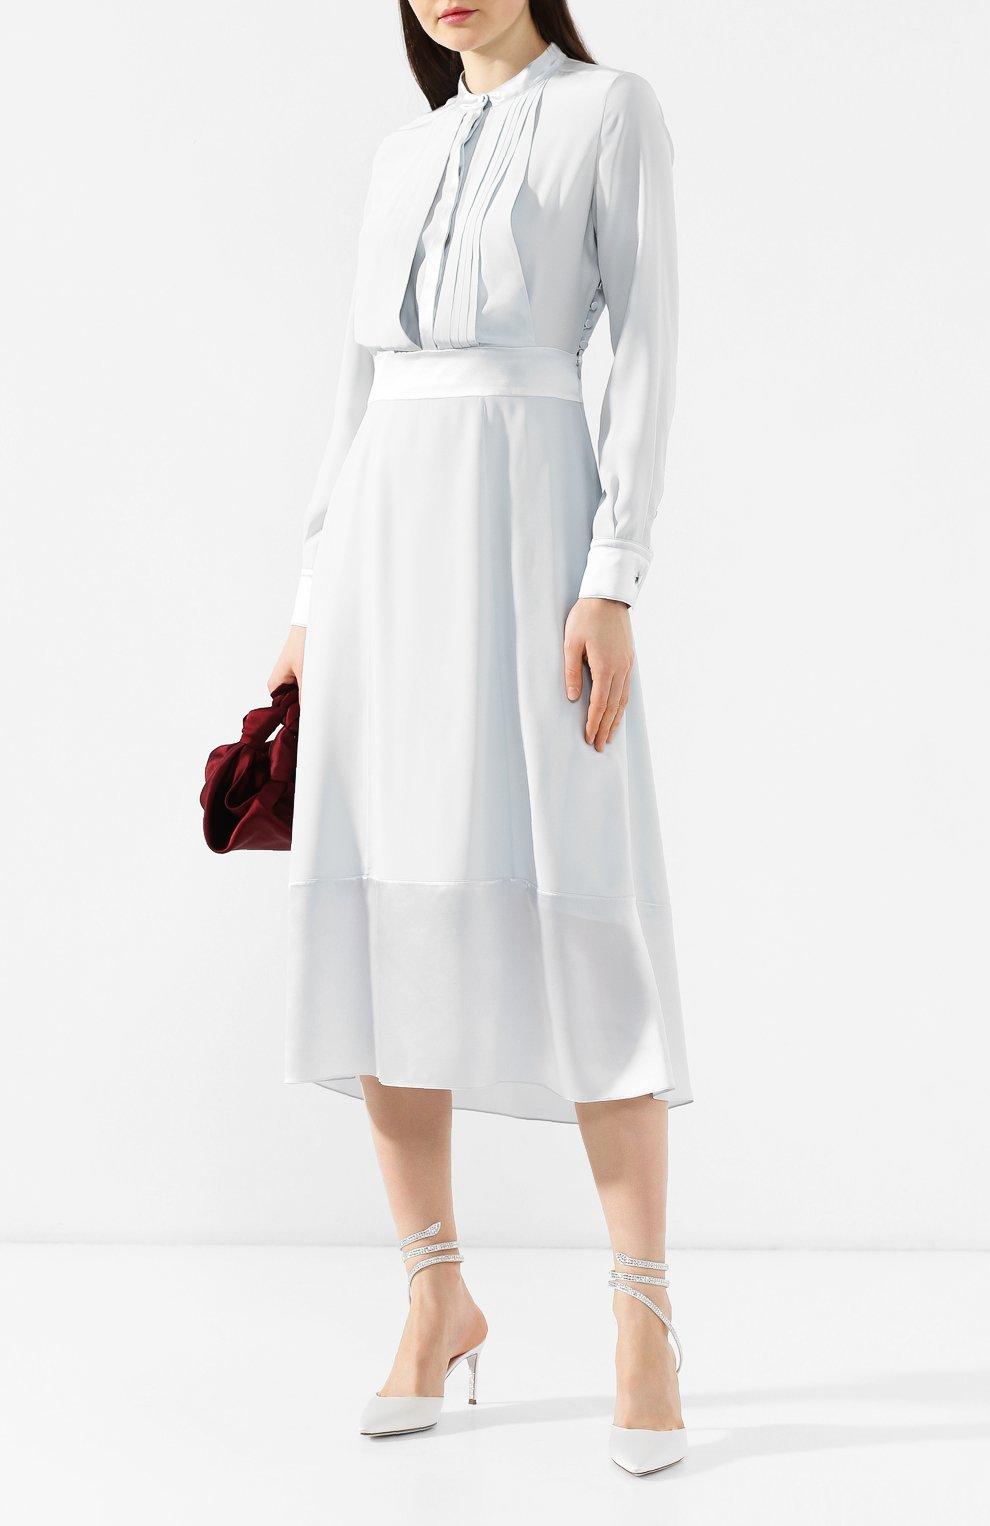 Текстильные туфли Cleo Rene Caovilla белые | Фото №2